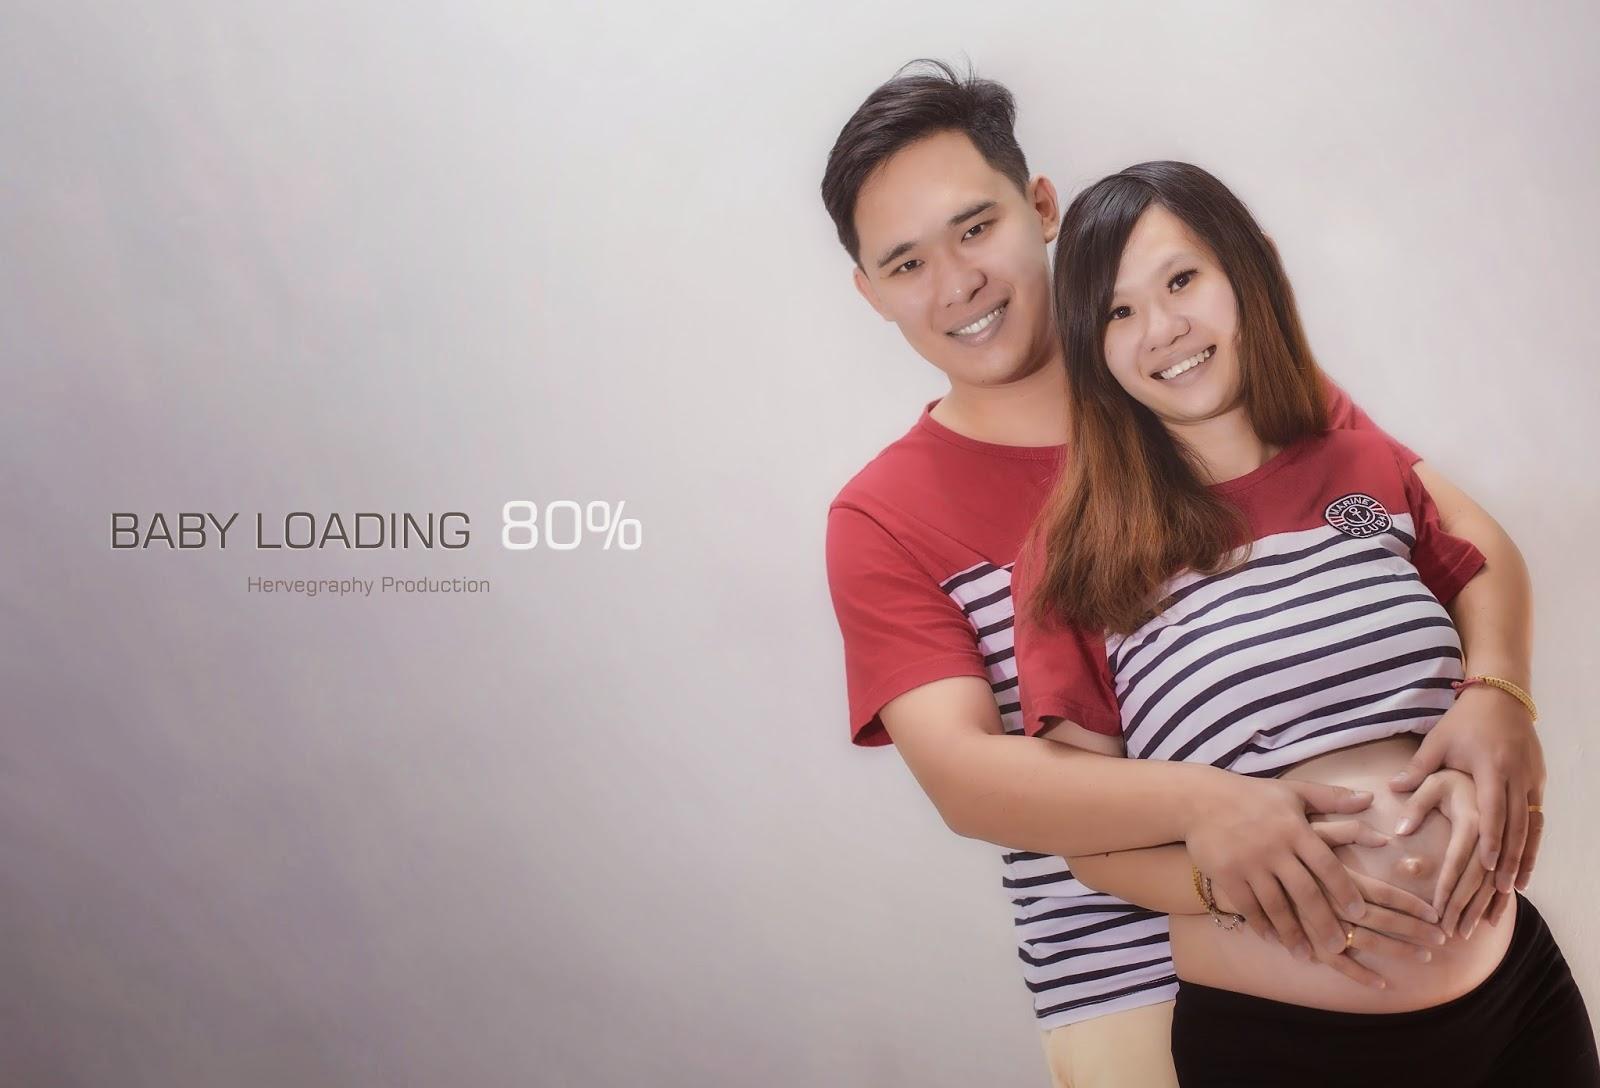 Baby loading 80 jezz